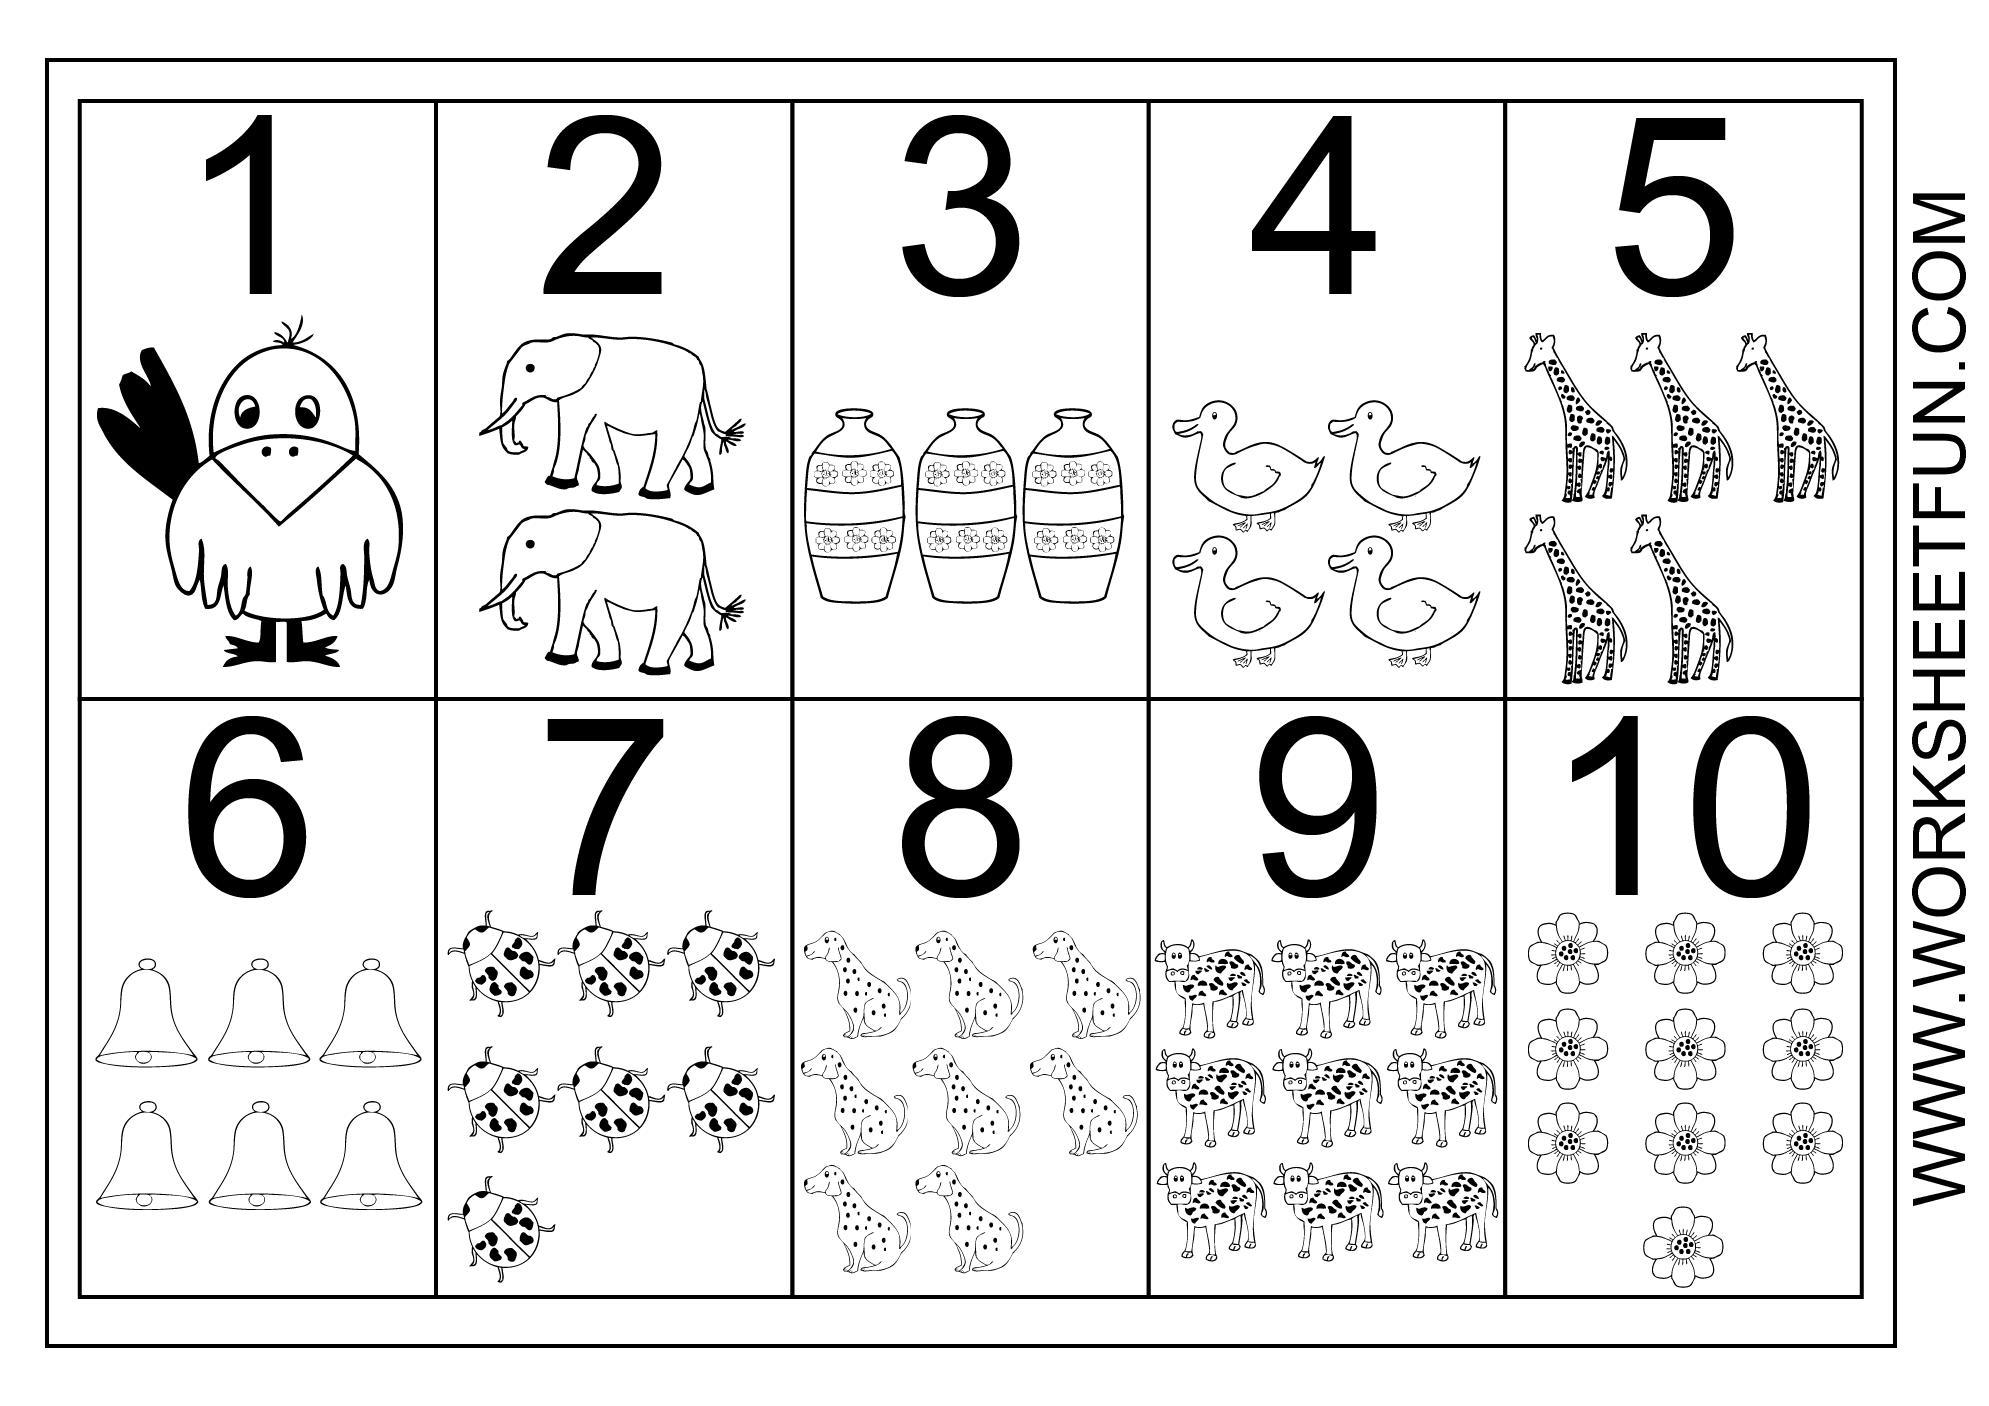 Multiplication Worksheets Numbers 1-10 3